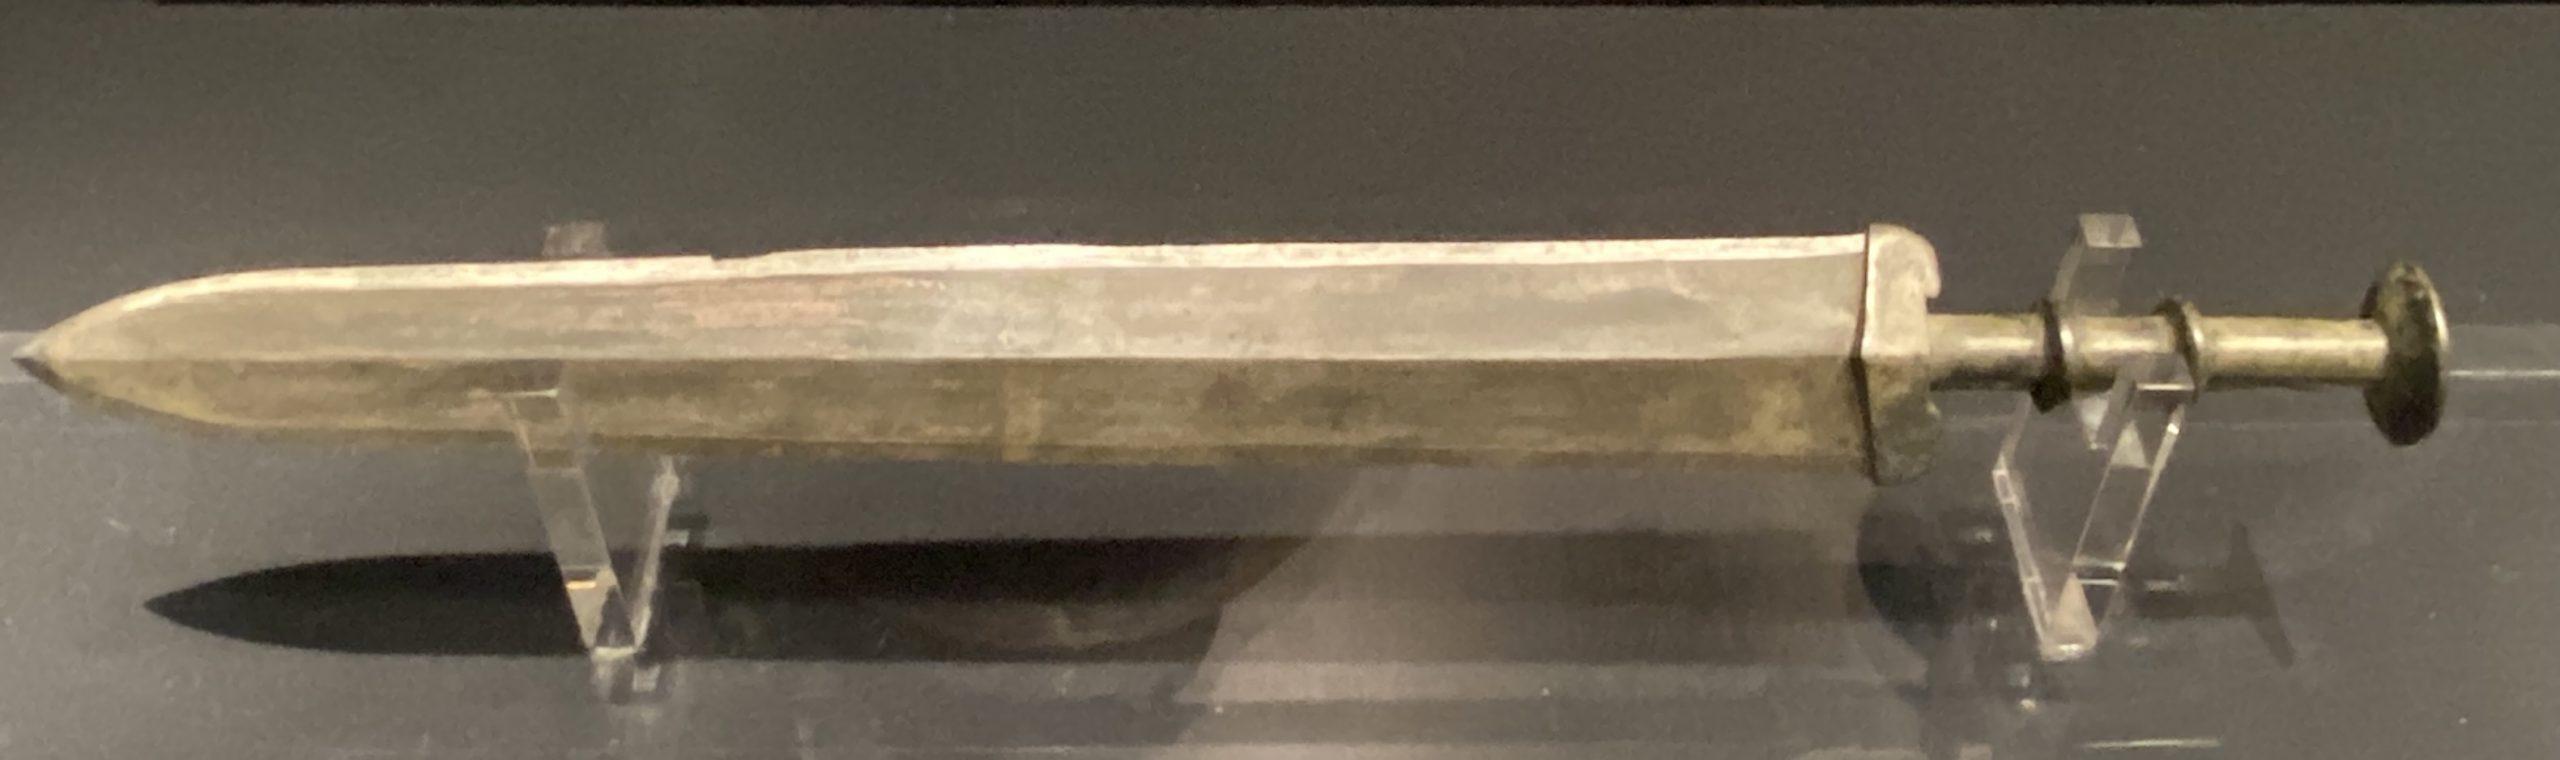 銅剣-【列備五都-秦漢時代の中国都市】-成都博物館-四川成都